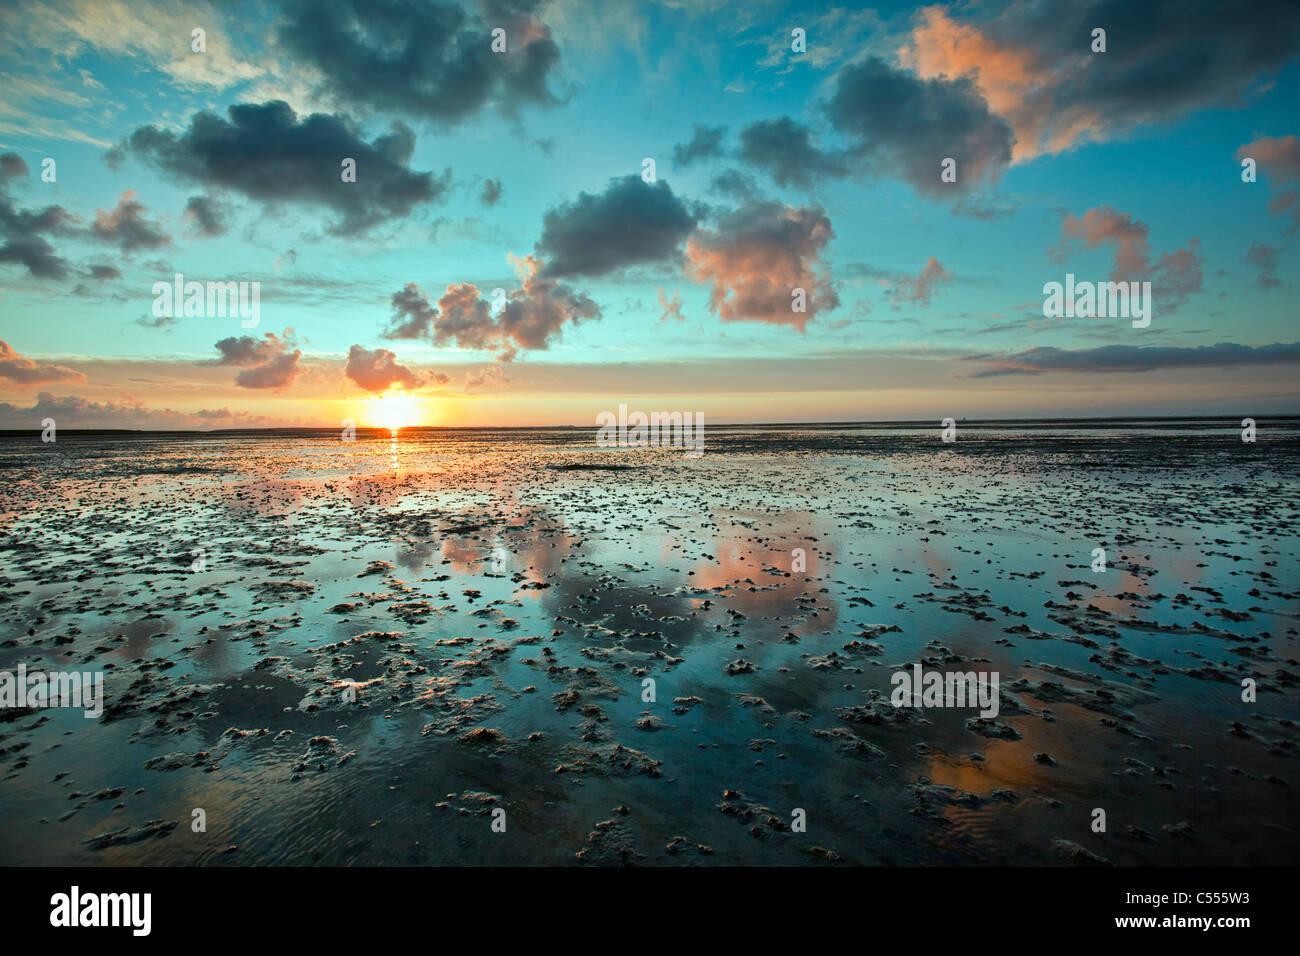 Los Países Bajos, Buren, isla de Ameland, perteneciente a las islas del Mar de Wadden. Sitio de Patrimonio Mundial Foto de stock